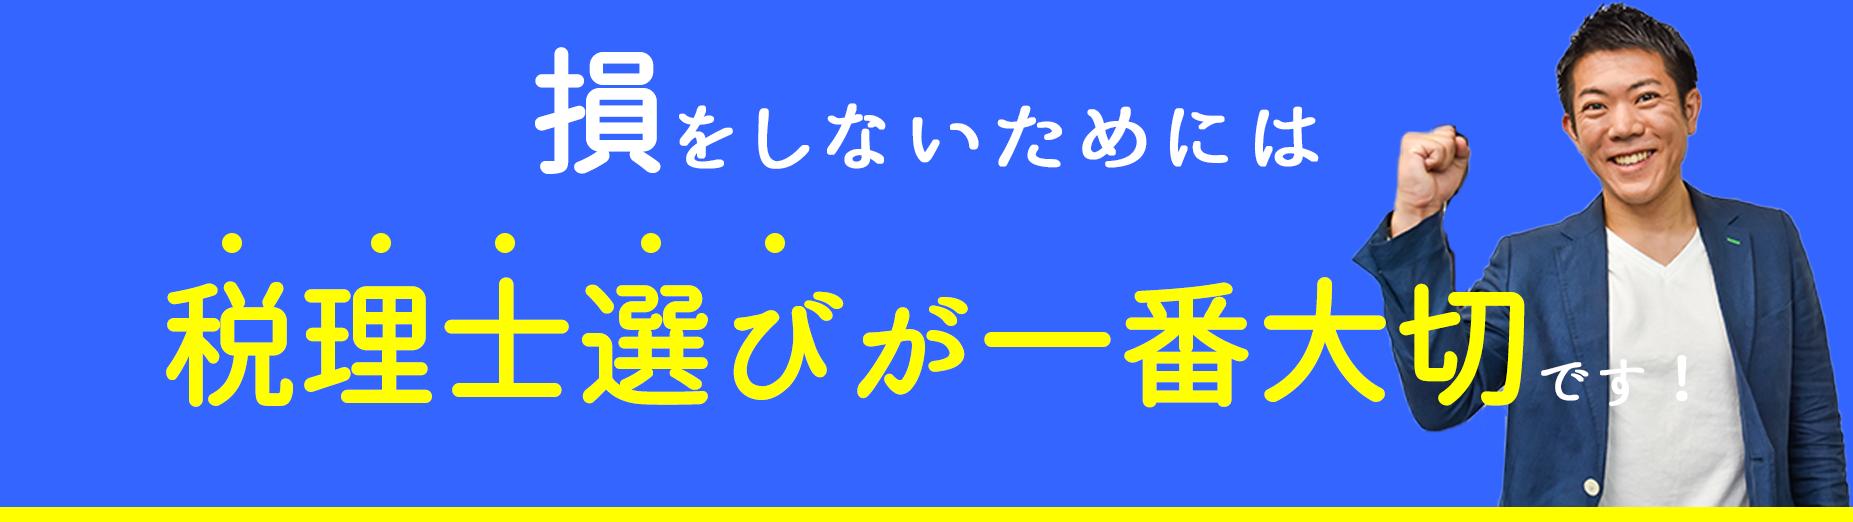 vr - 小川健太税理士事務所LP